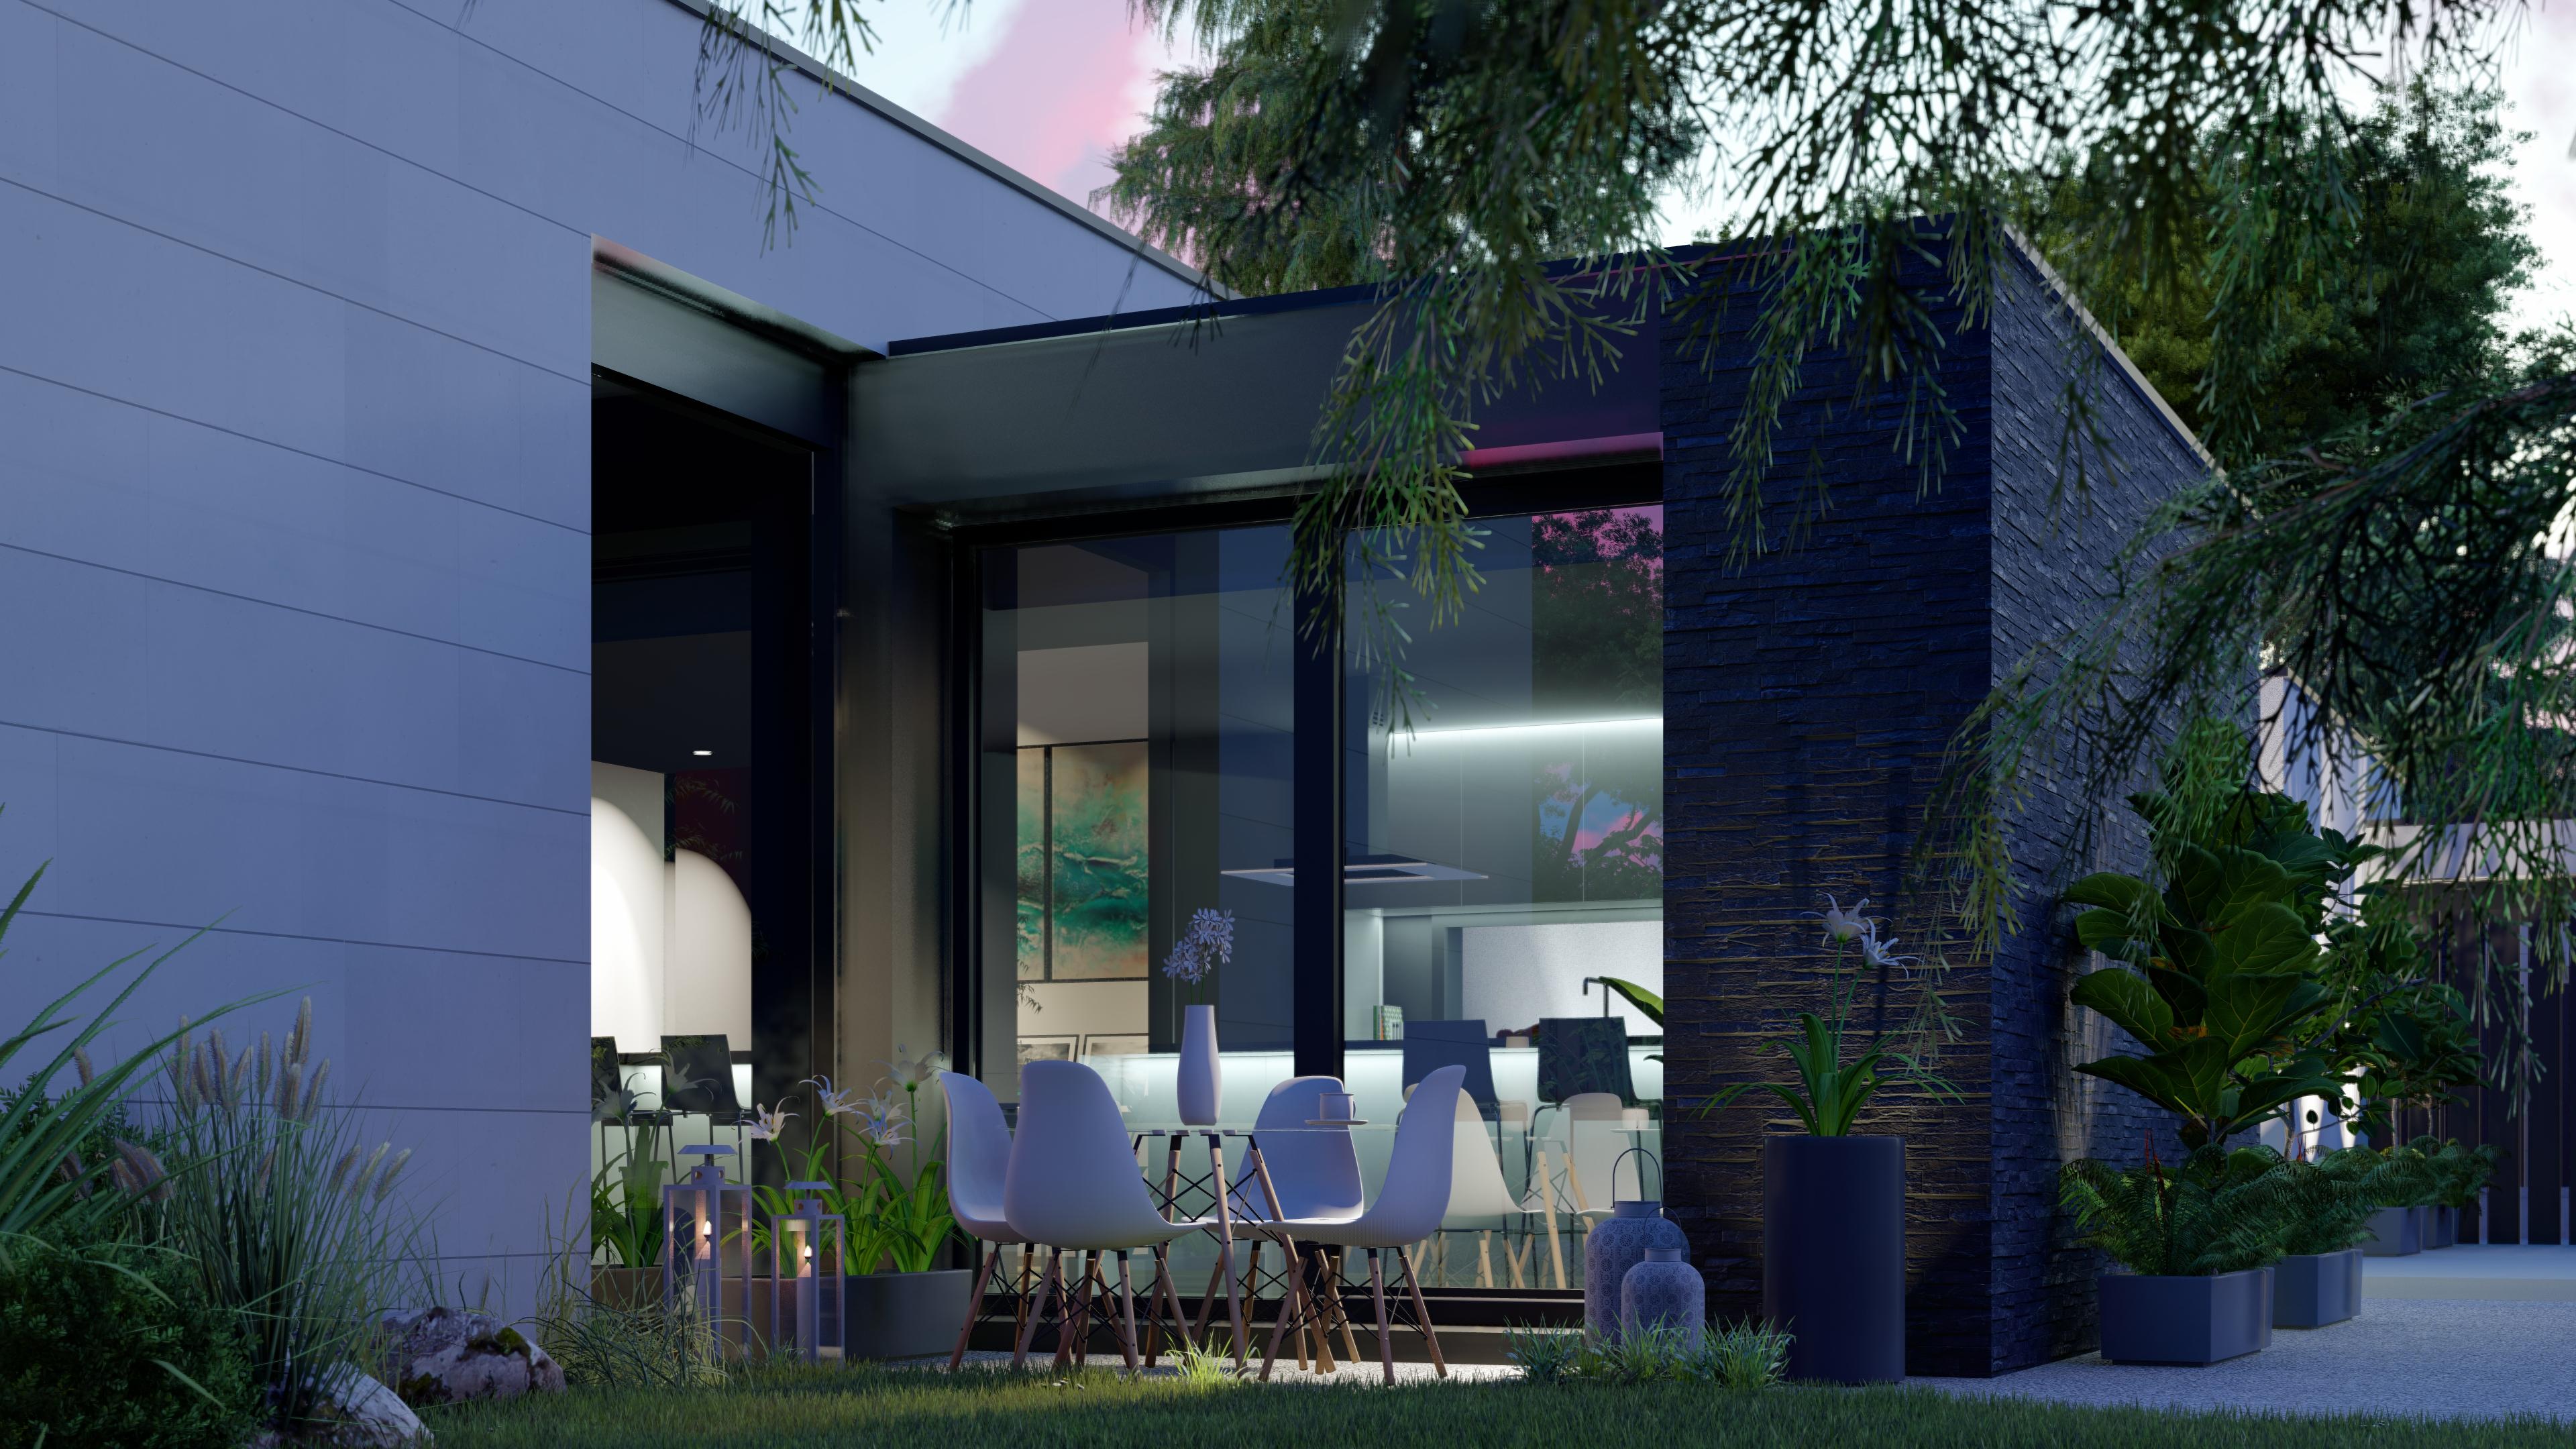 Extrerior, terraza, cocina. QHOMES9 es un proyecto del estudio de arquitectura FH2L Arquitectos. Conformado por 9 viviendas unifamiliares.